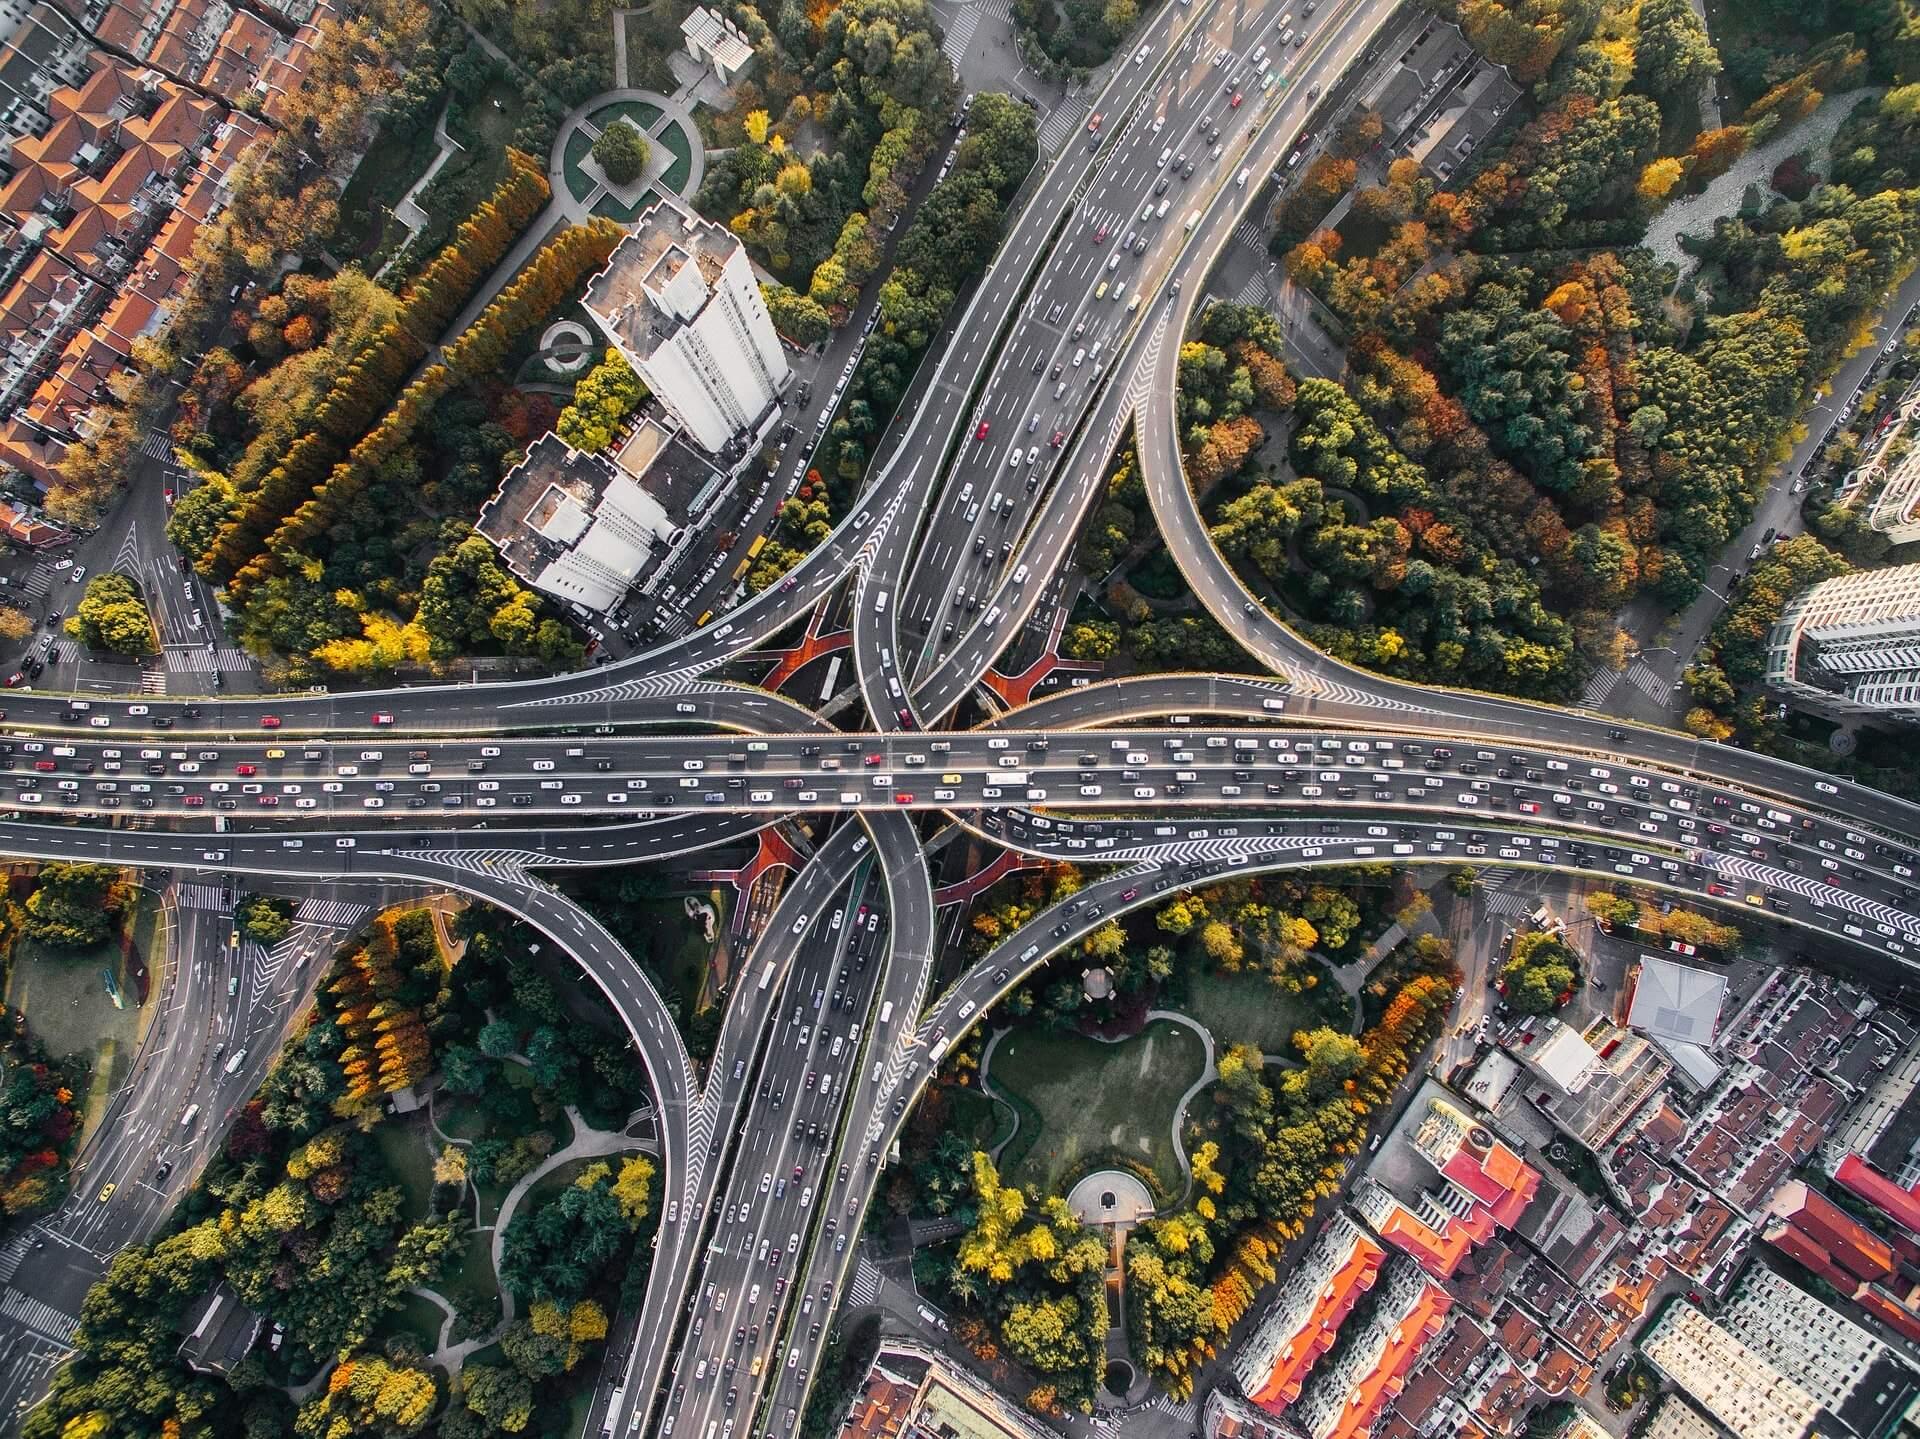 foto dall'alto di un raccordo autostradale